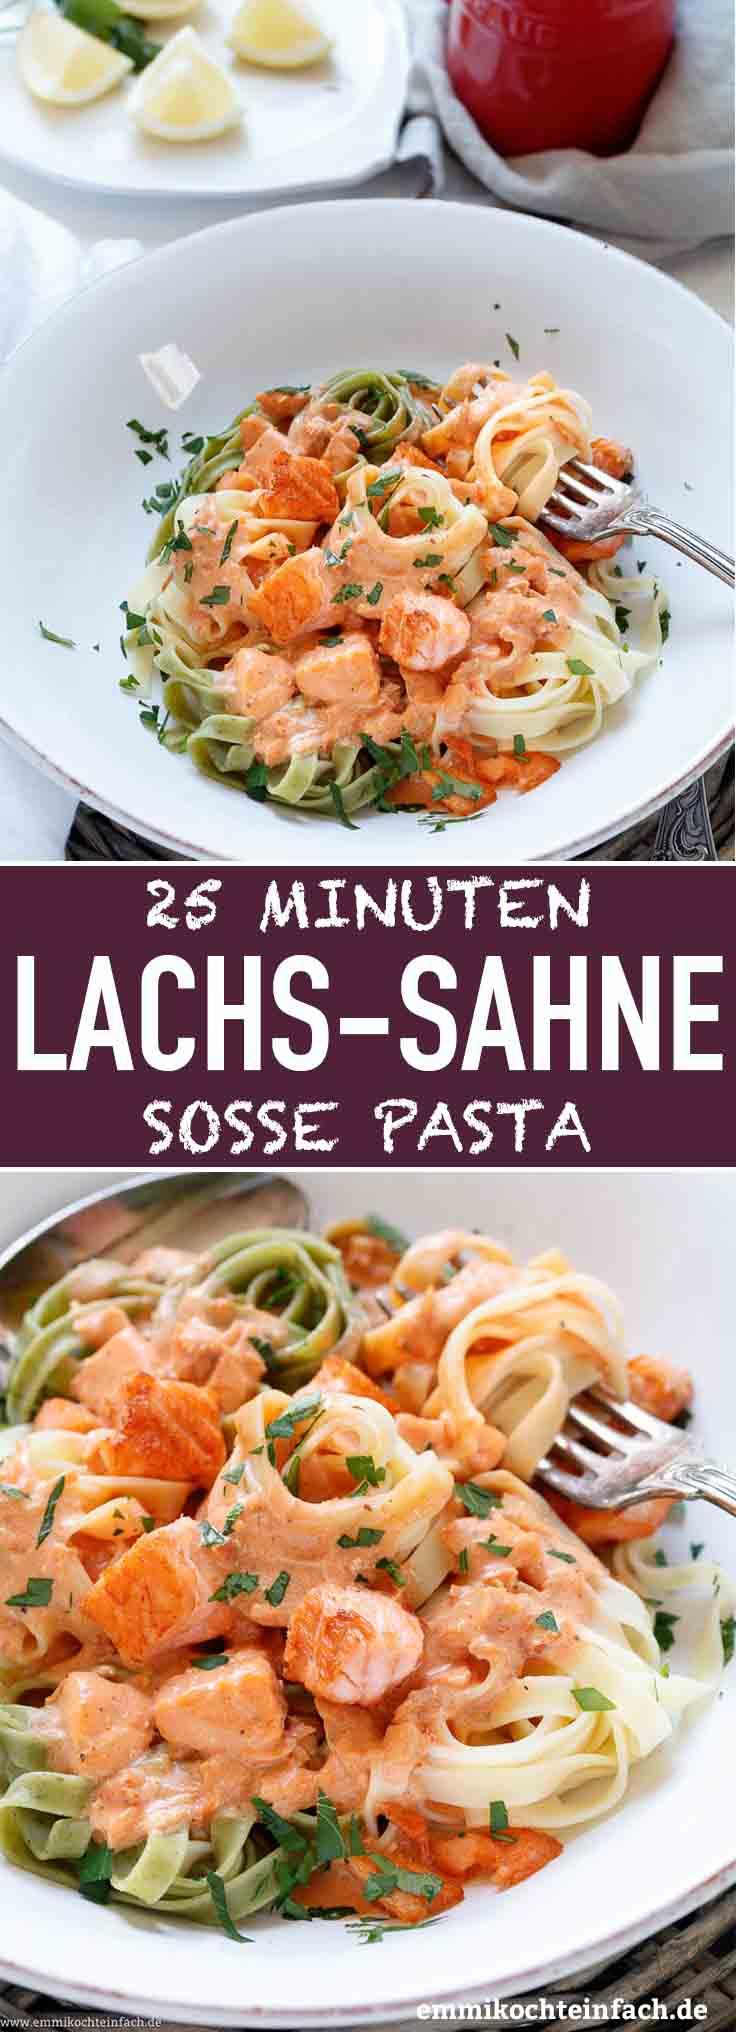 25 Minuten Pasta mit Lachs-Sahnesoße - www.emmikochteinfach.de